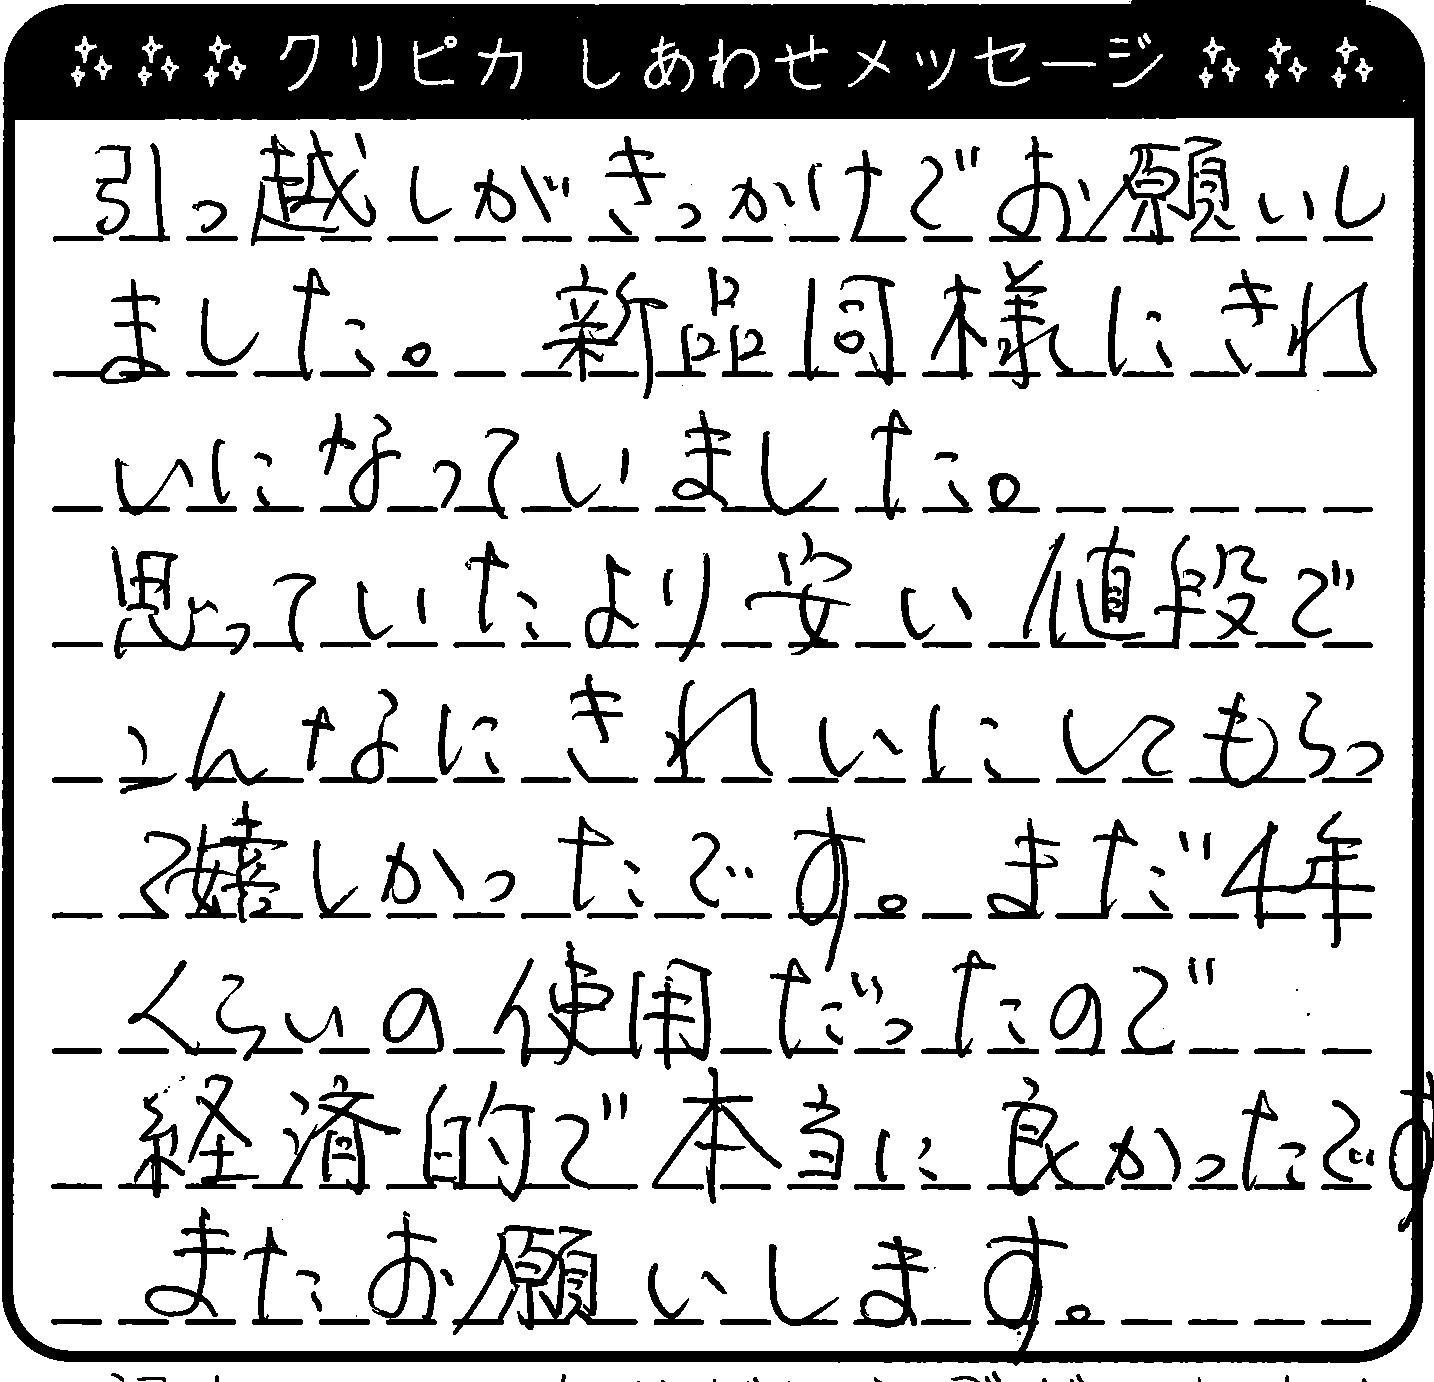 兵庫県 K様からのしあわせメッセージ